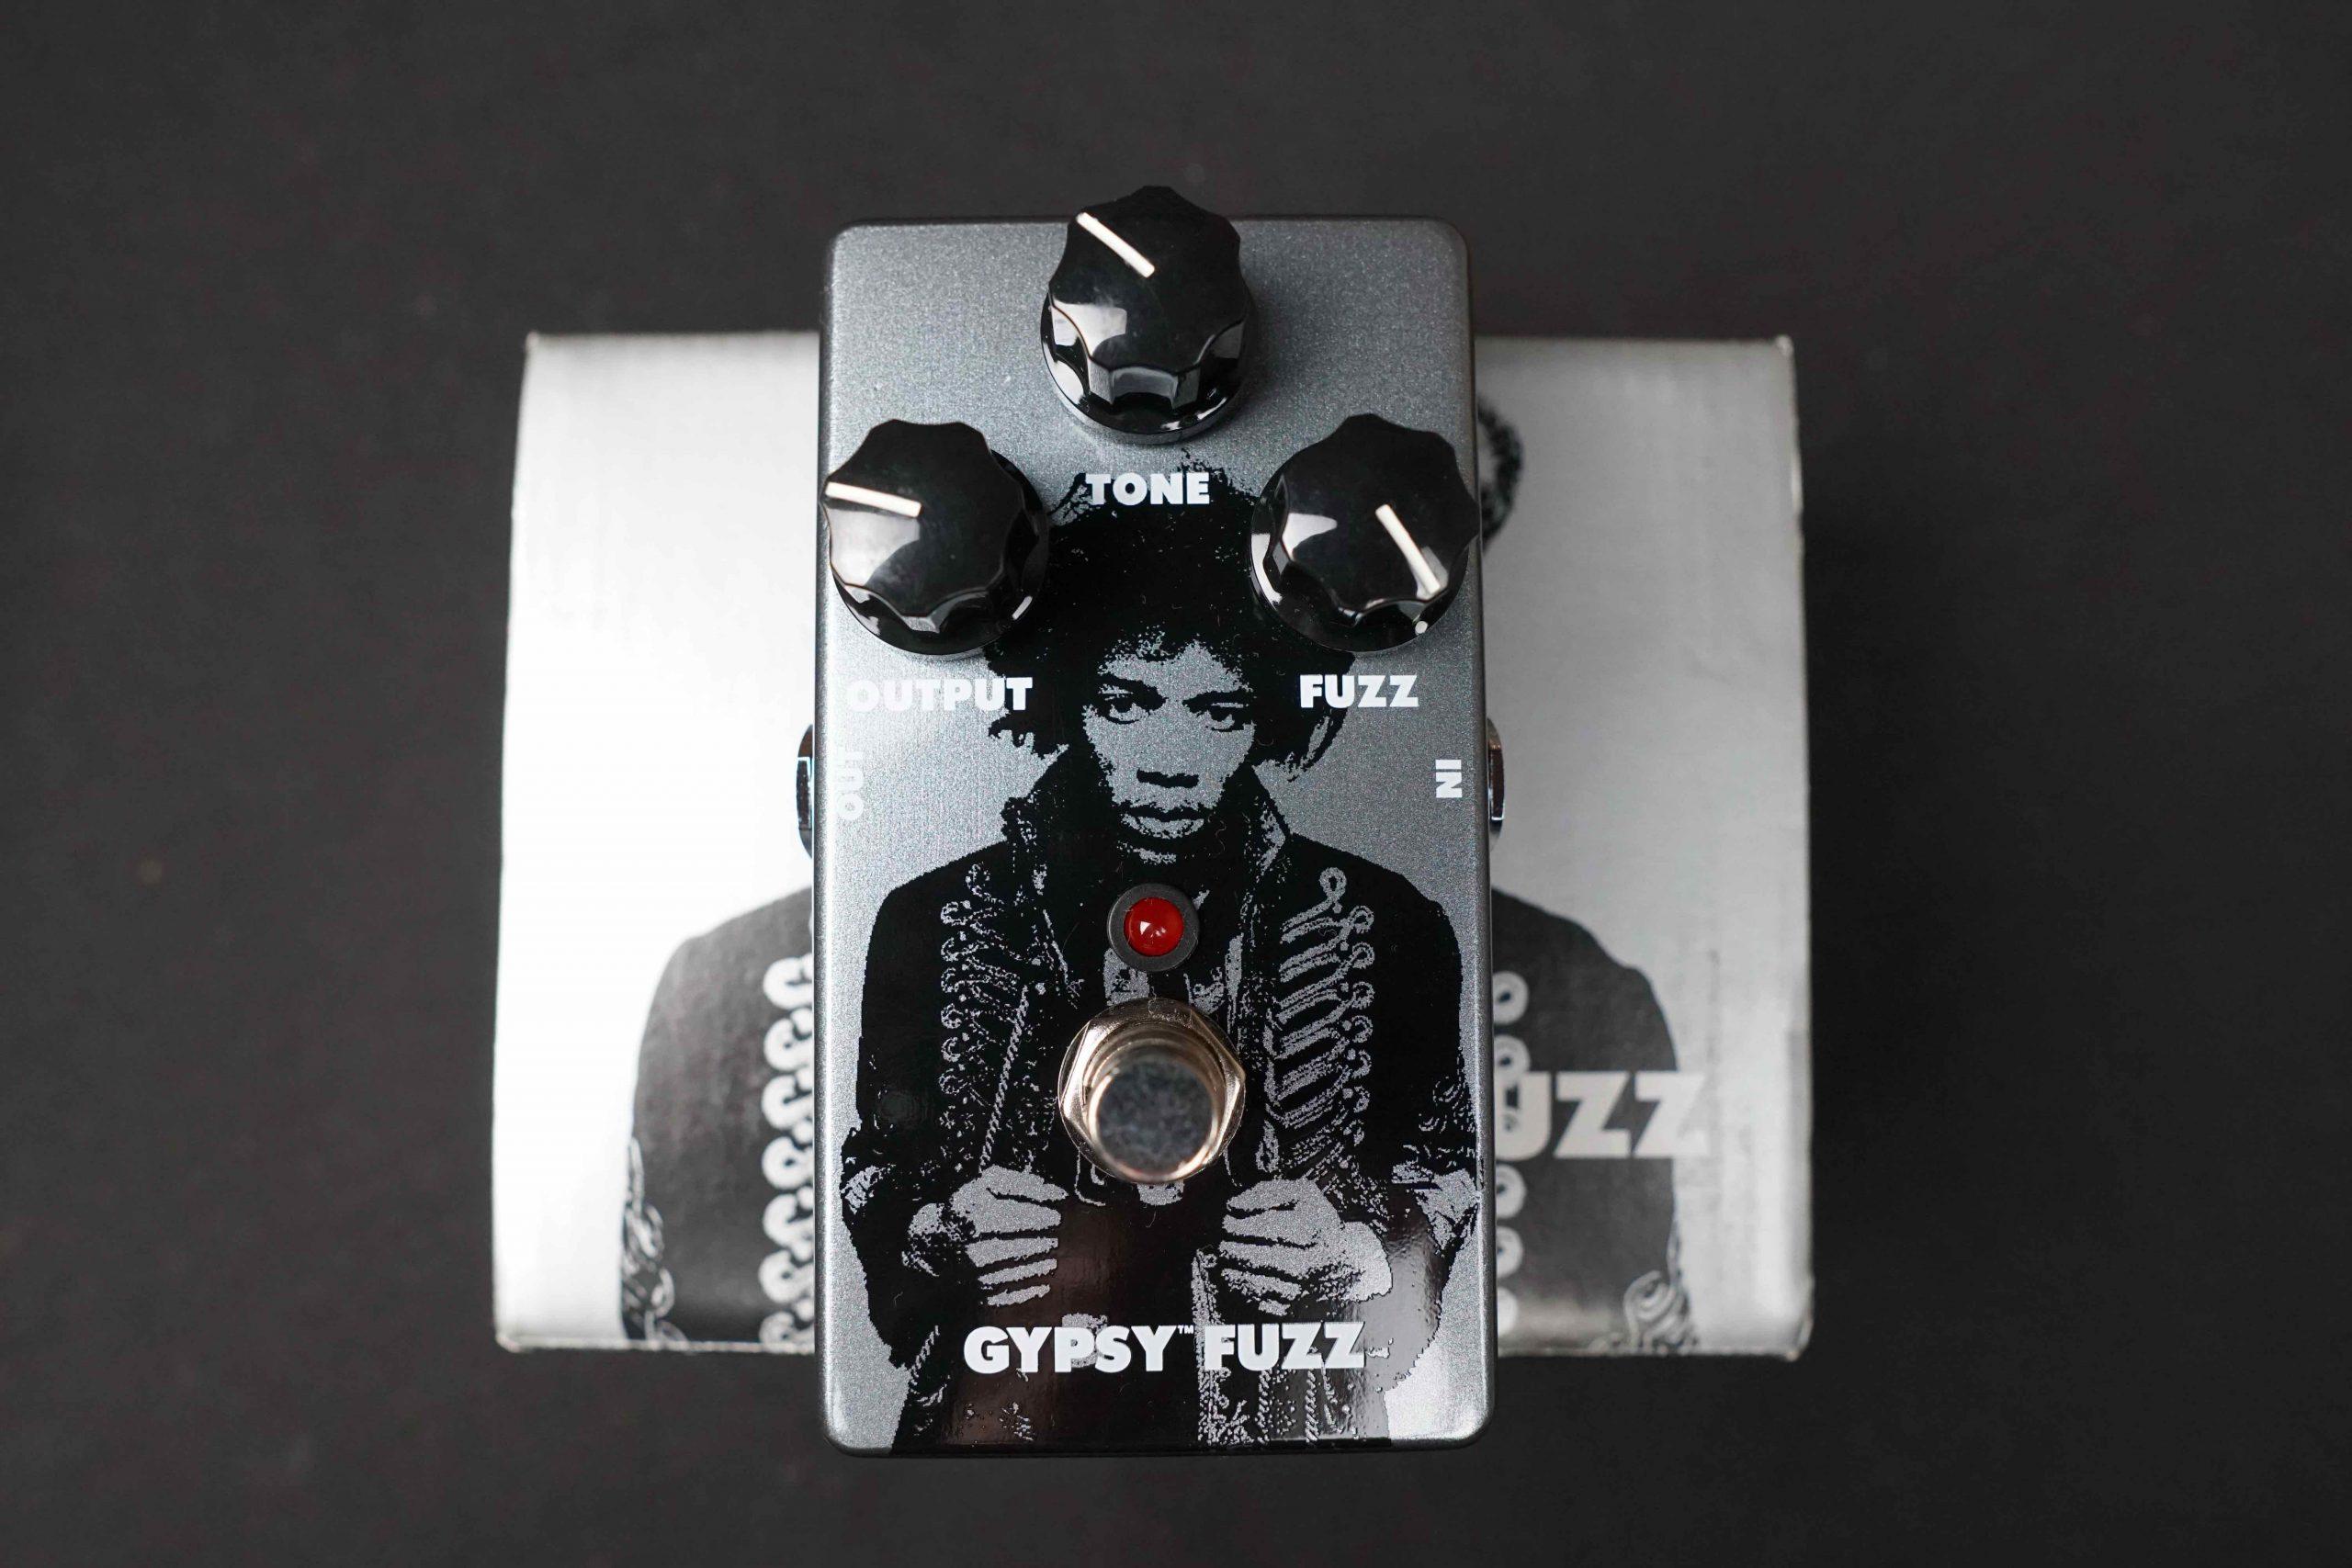 (已售出)(聖誕限時活動)Jimi Hendrix Gypsy Fuzz